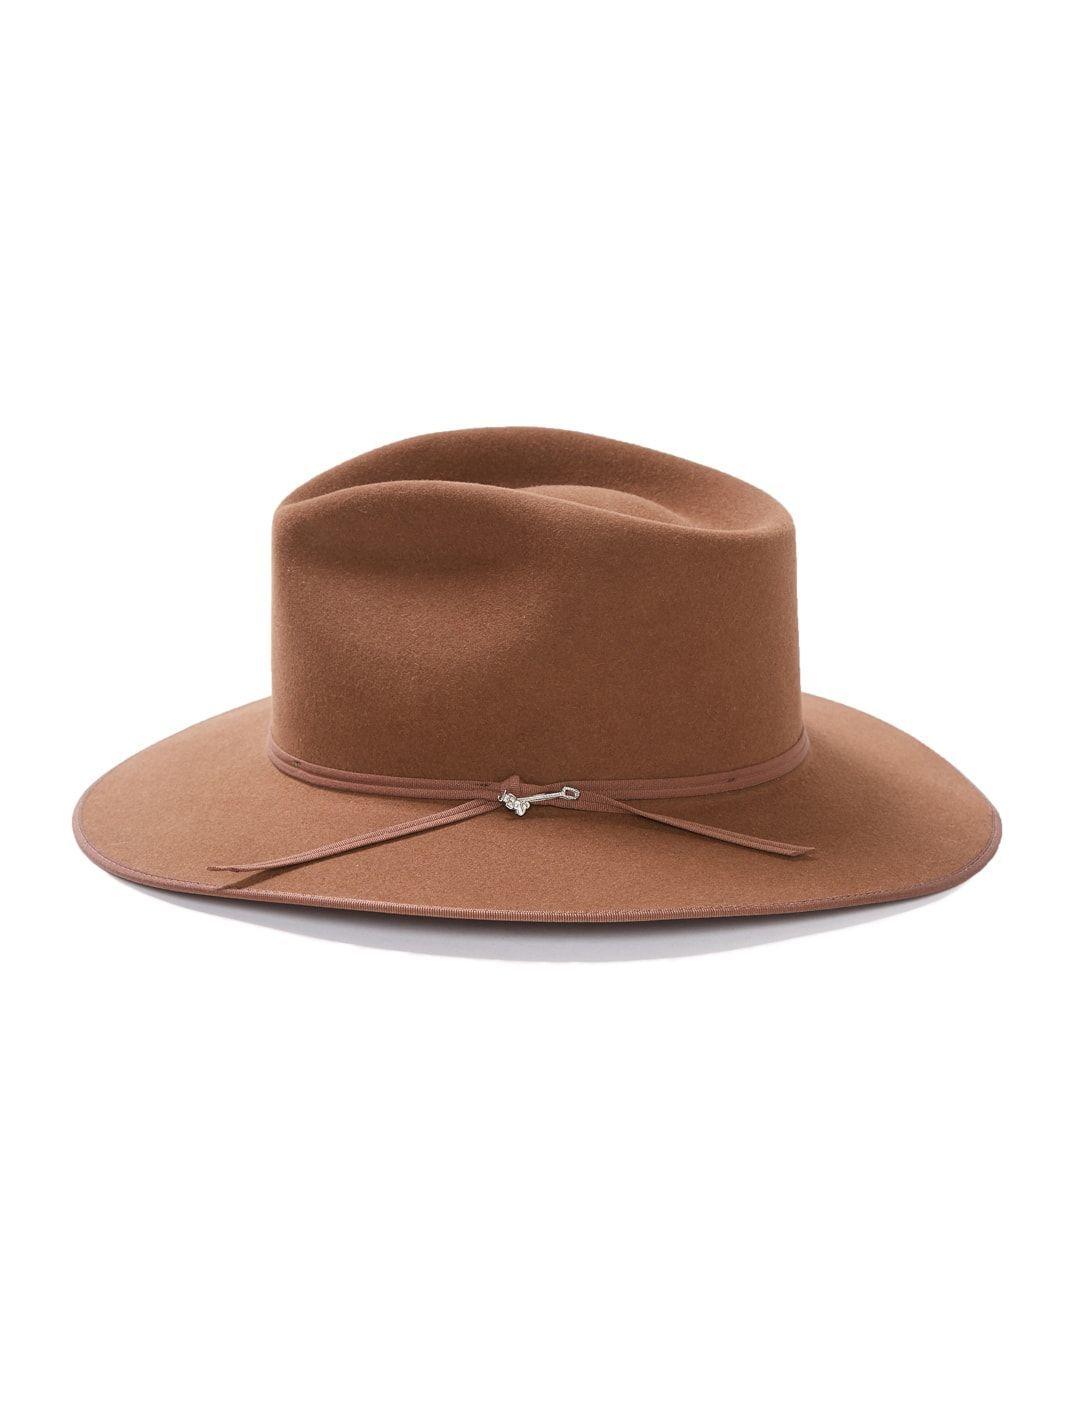 Stetson Dune 5X Gun Club Hat  ee178d8d273